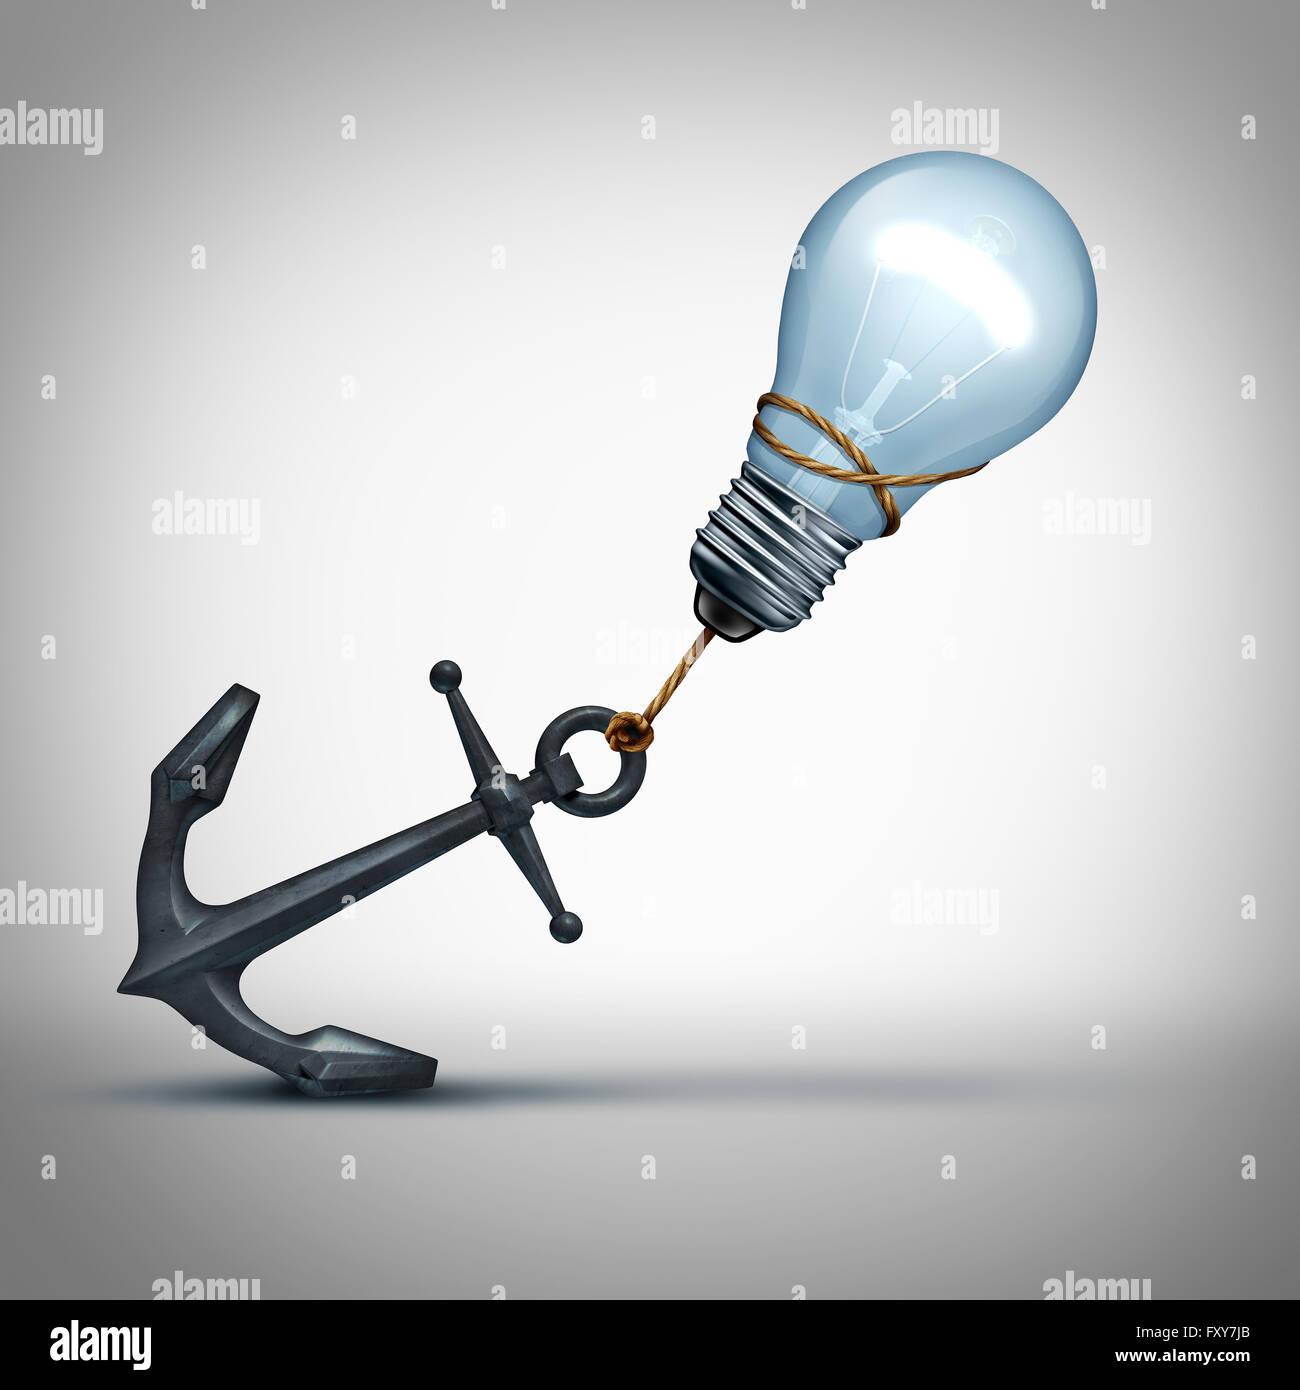 Idee Mühe Konzept als eine Glühbirne ziehen einen schweren Anker als kreative Kampf und Problem-Metapher Stockbild